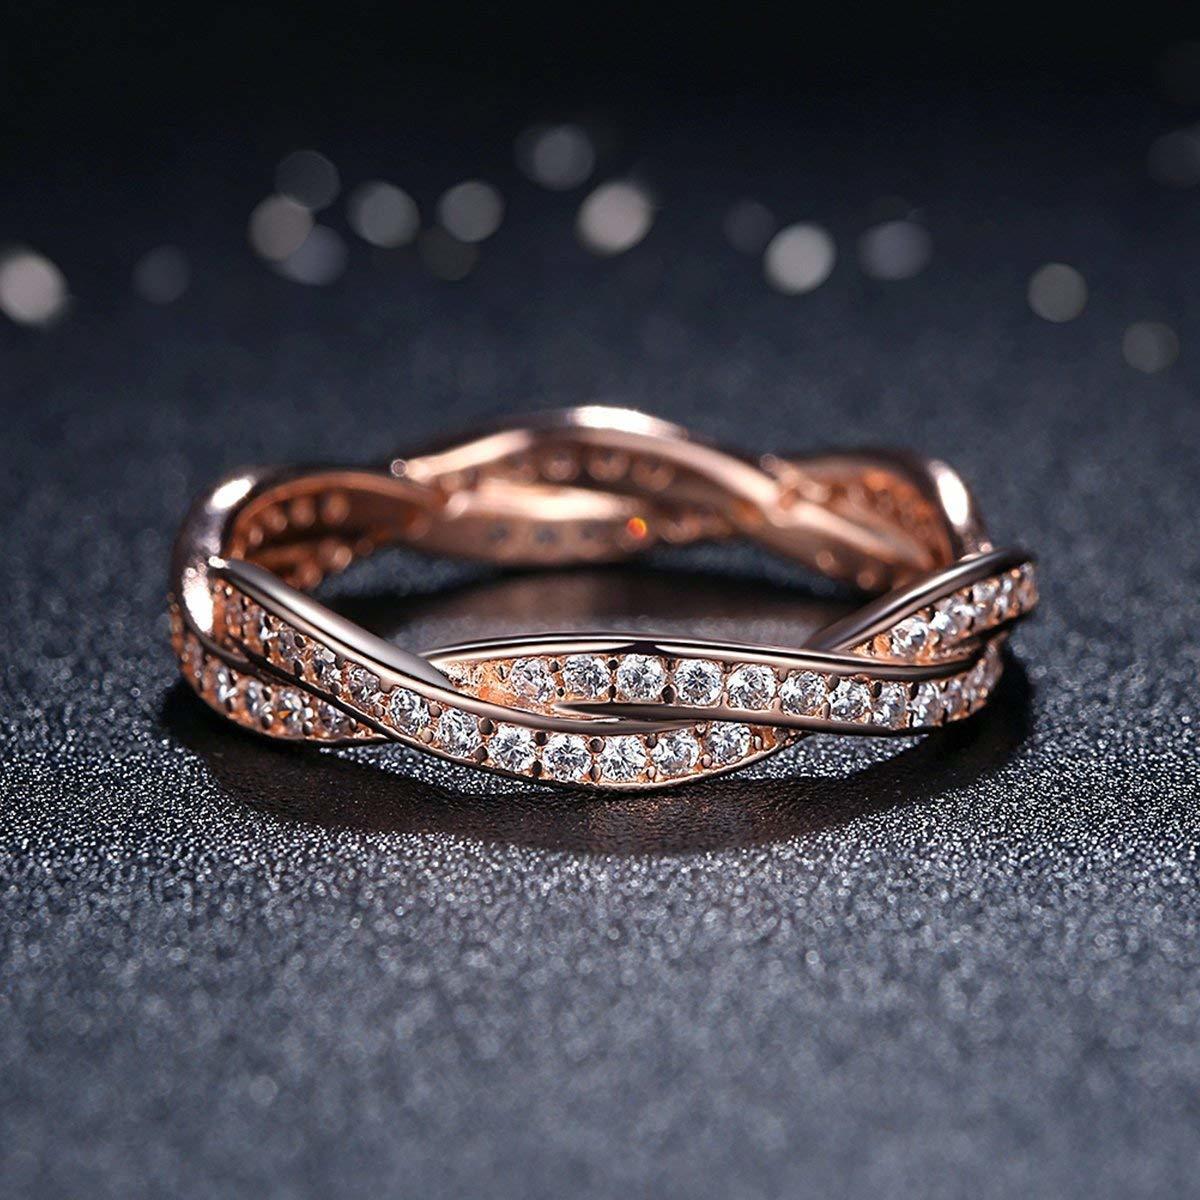 《未使用》Presentski シルバー925指輪 レディース リング 結婚指輪 ピンクゴールドメッキ婚約指輪 ジルコニア cz 18《アウトレット》_画像6